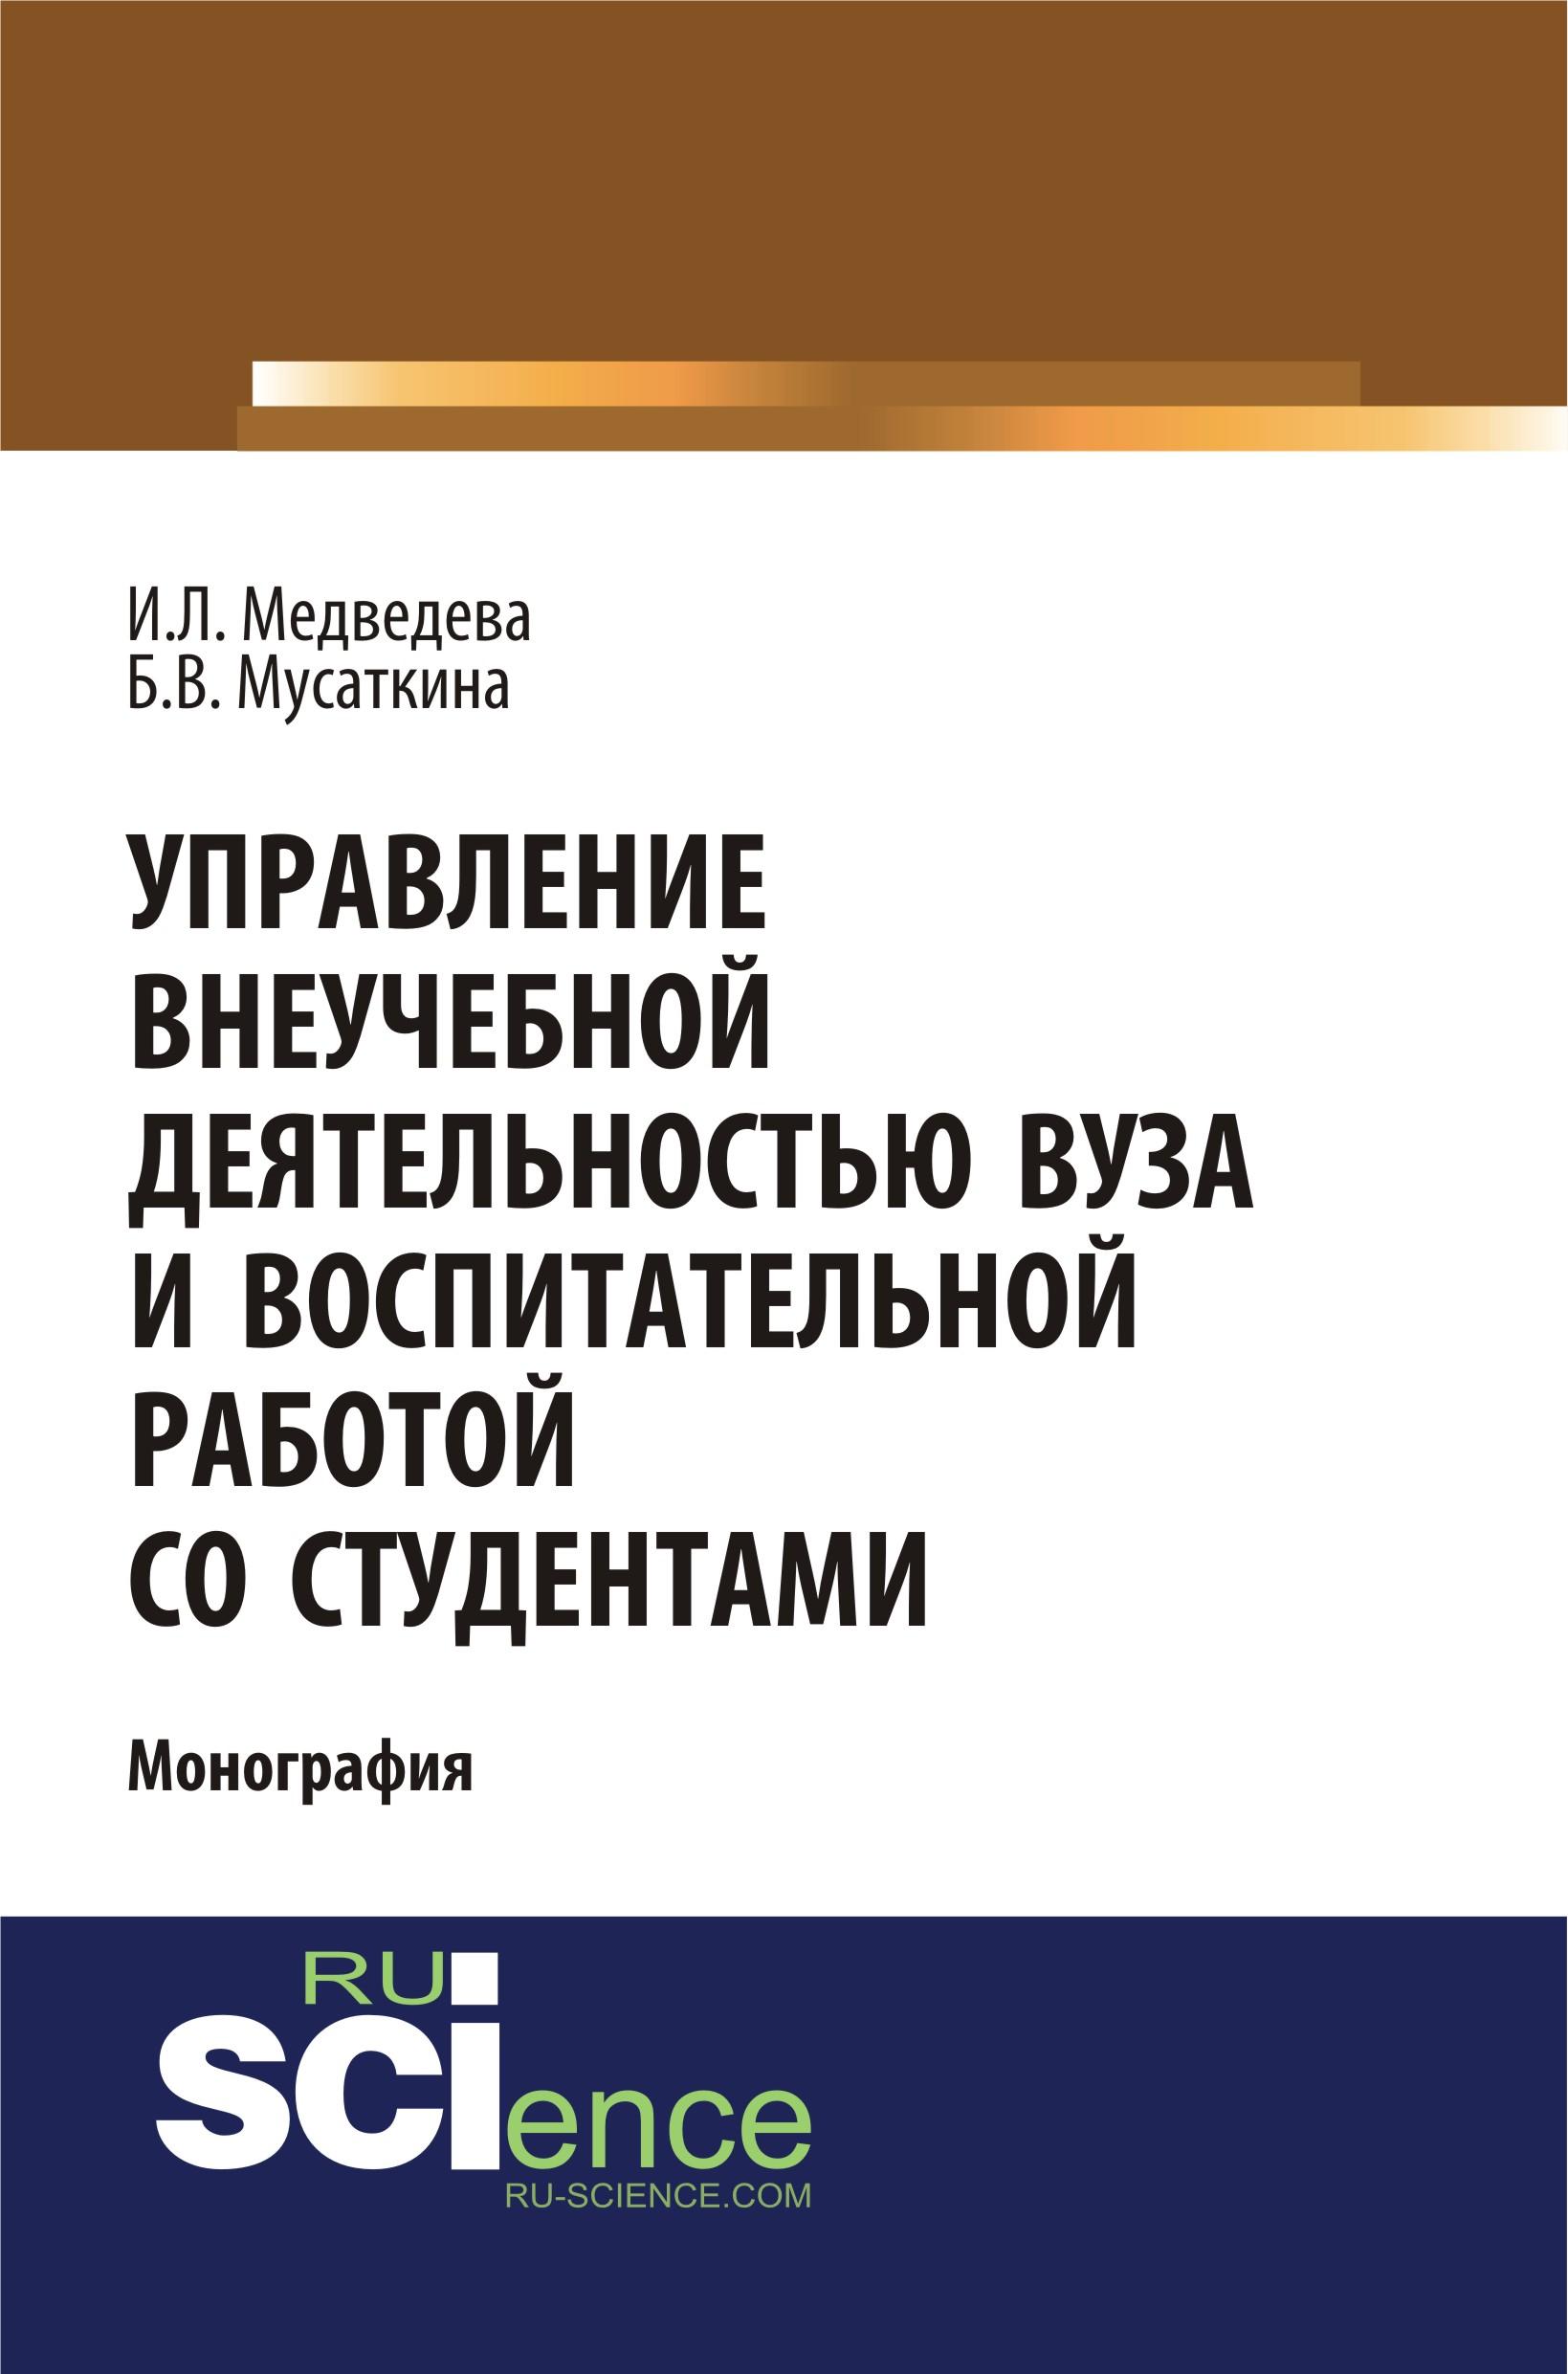 И. Л. Медведева Управление внеучебной деятельностью вуза и воспитательной работой со студентами цена